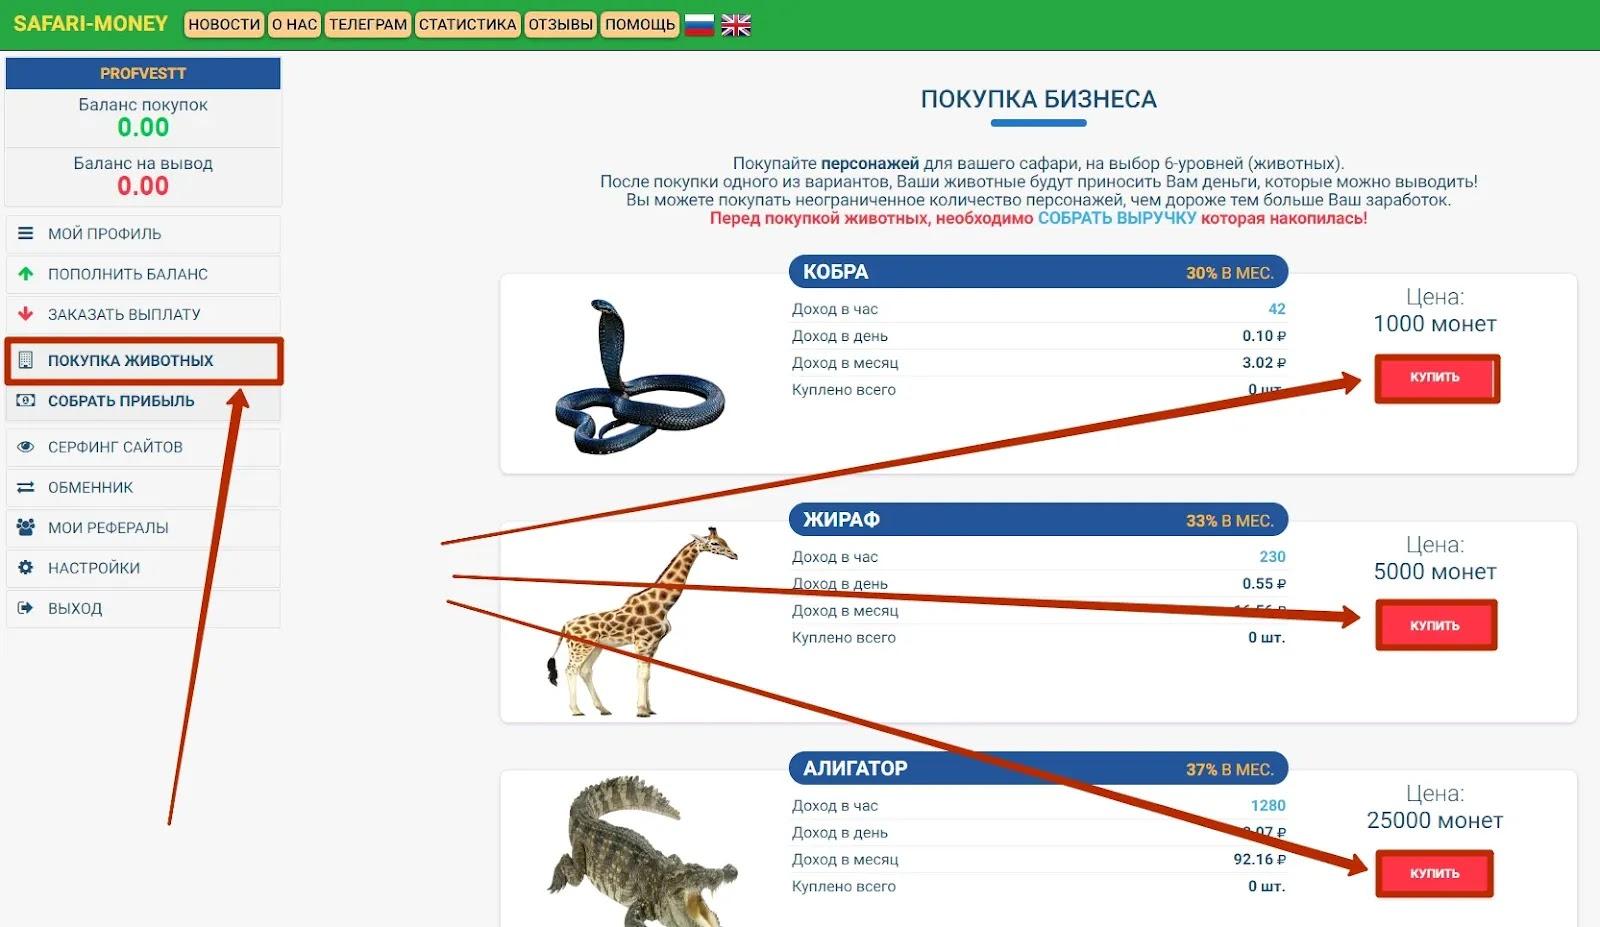 Внесение депозита в Safari-Money